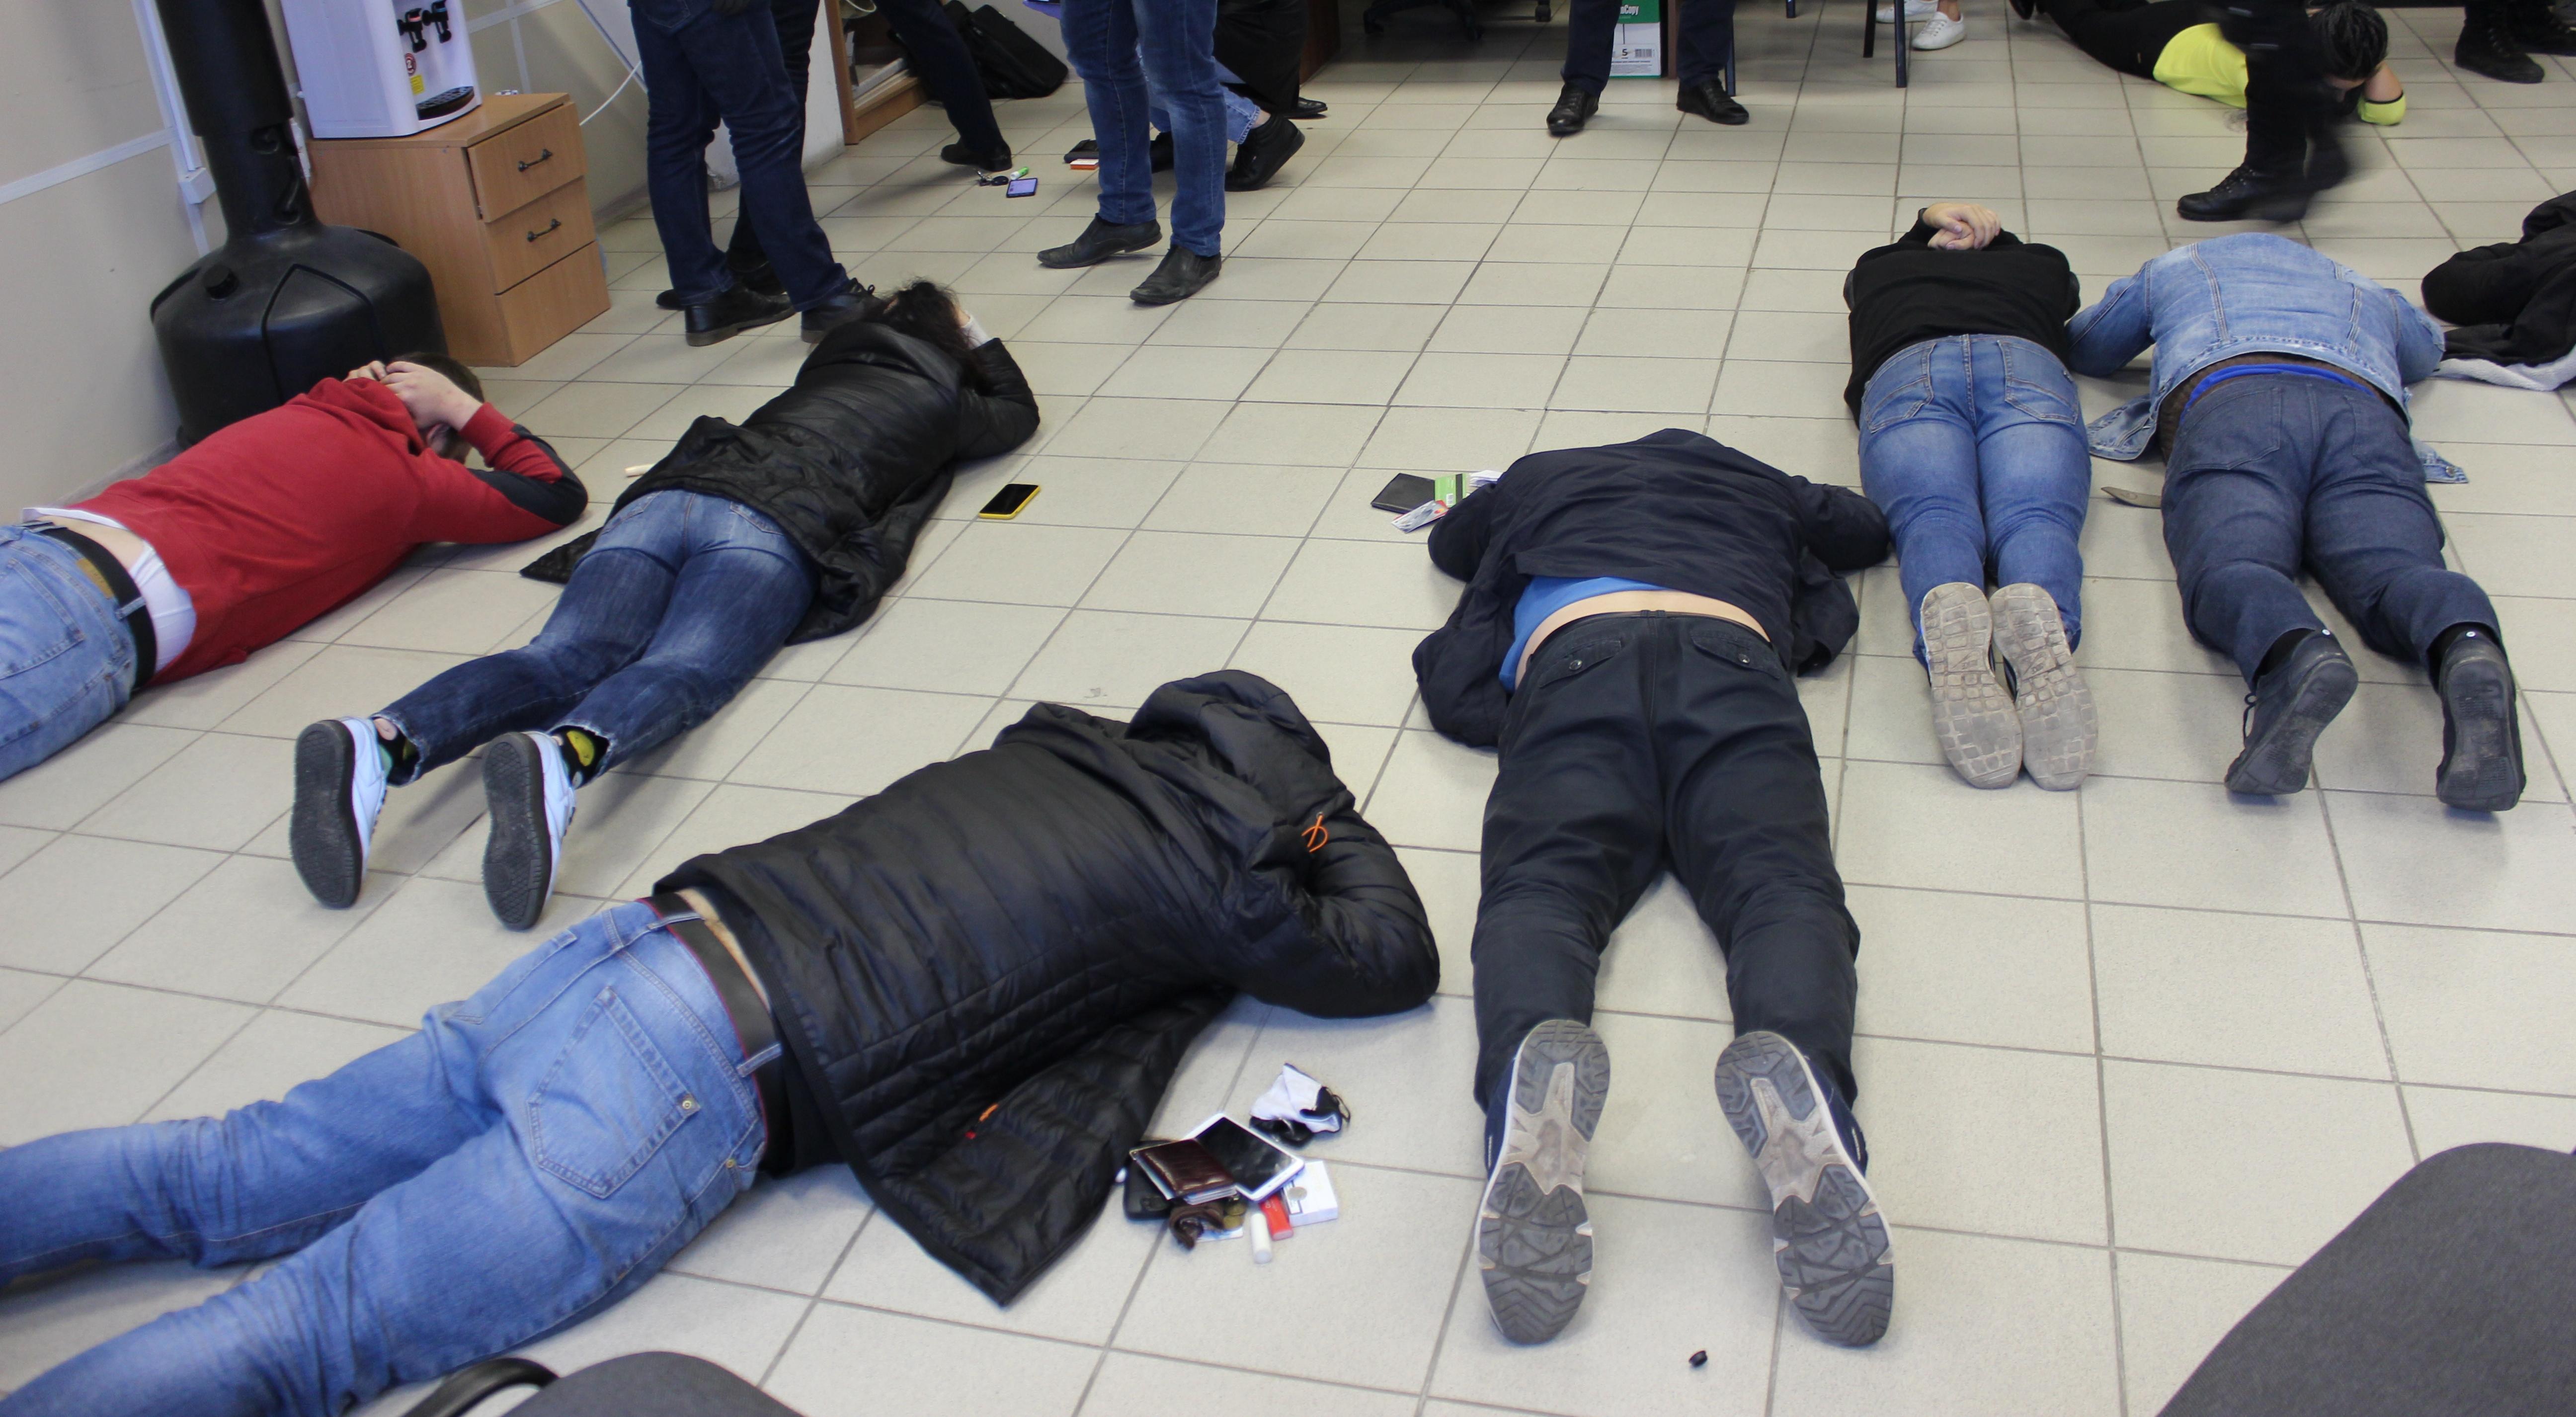 В Вологде задержали мошенников, обманувших пенсионеров на 1,4 млн рублей